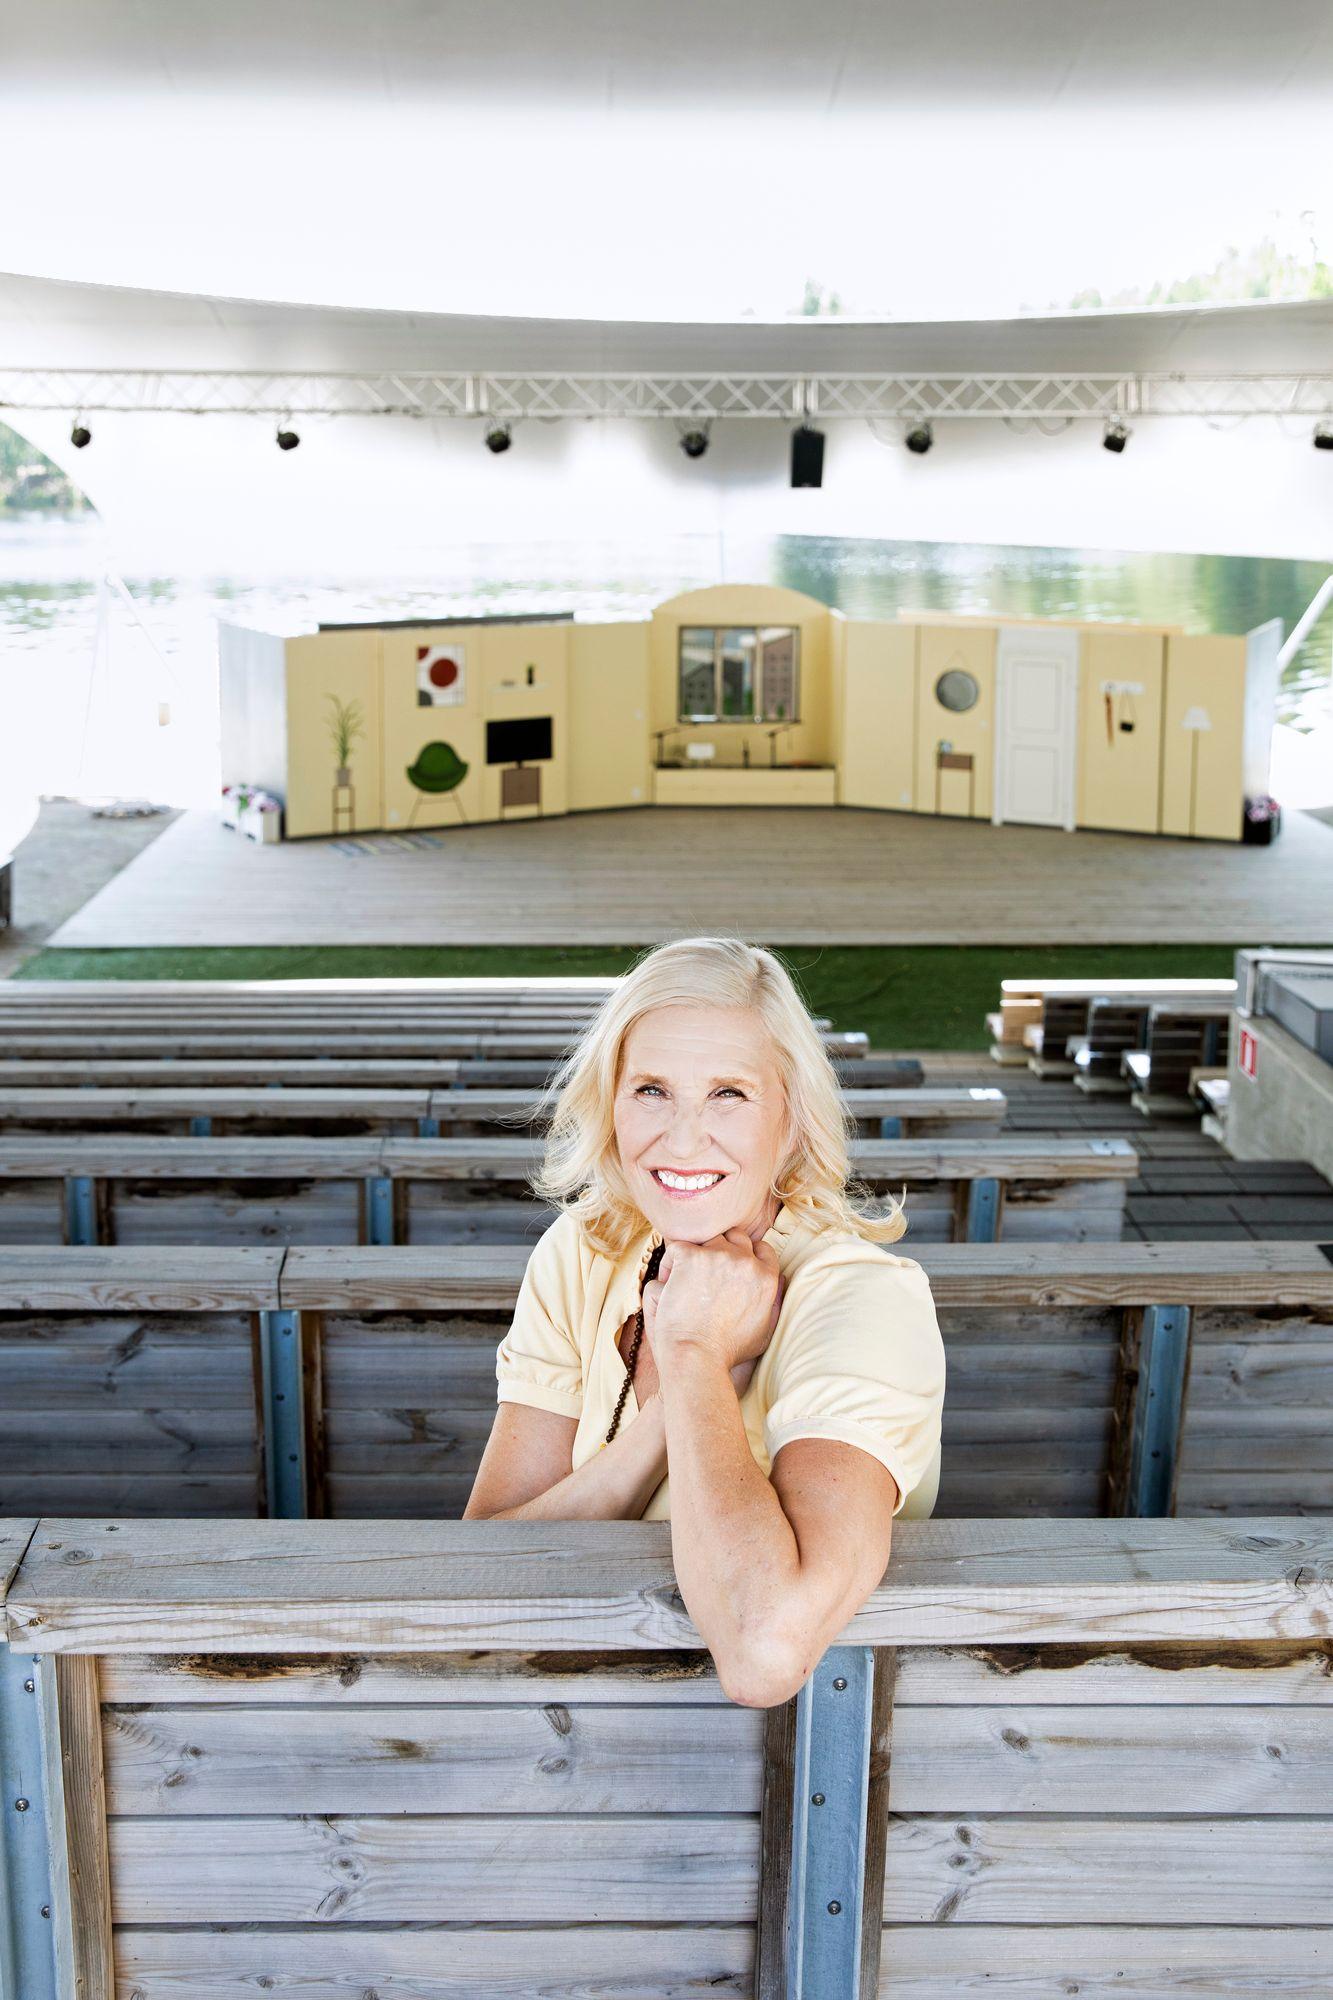 Utran Uuden Teatterin kesäproduktio on työllistänyt Eijaa heinäkuun ajan Joensuussa. Työt Helsingin kaupunginteatterissa pyörähtävät jälleen käyntiin elokuun lopulla. © Riikka Hurri